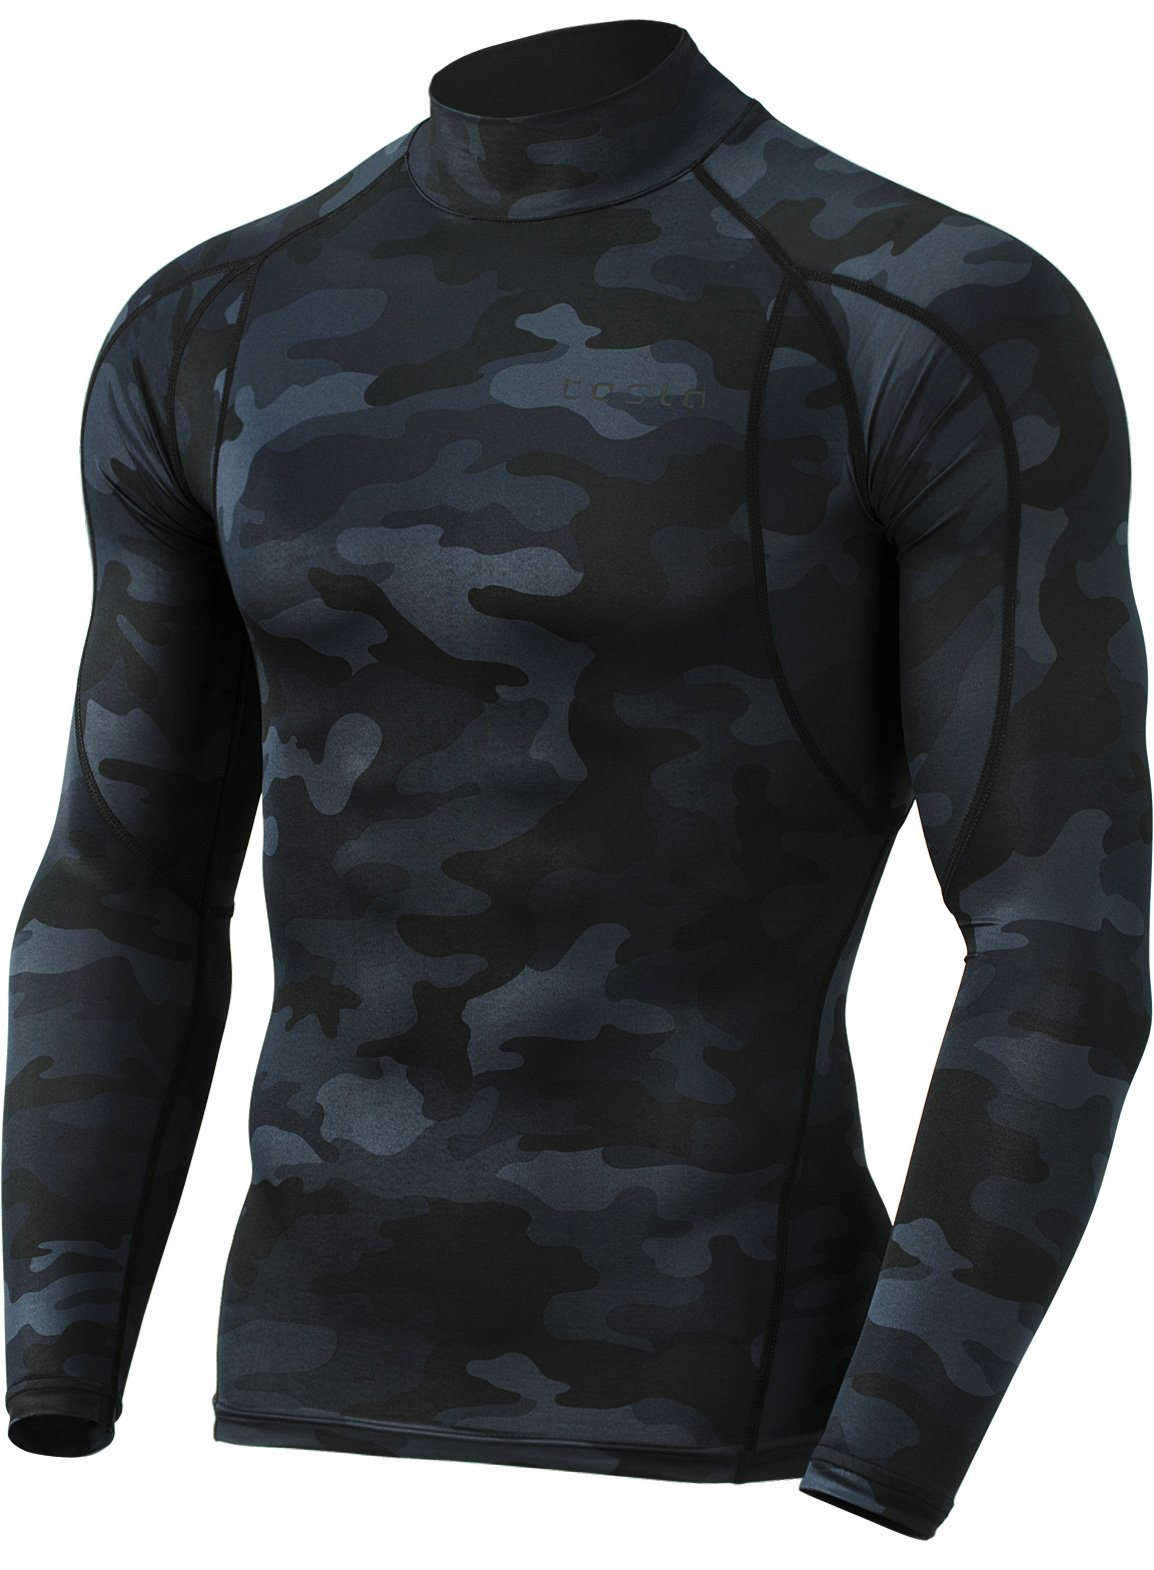 Tesla TM-MUT12-MBK_Large Men's Mock Long-Sleeved T-Shirt Cool Dry Compression Baselayer MUT12